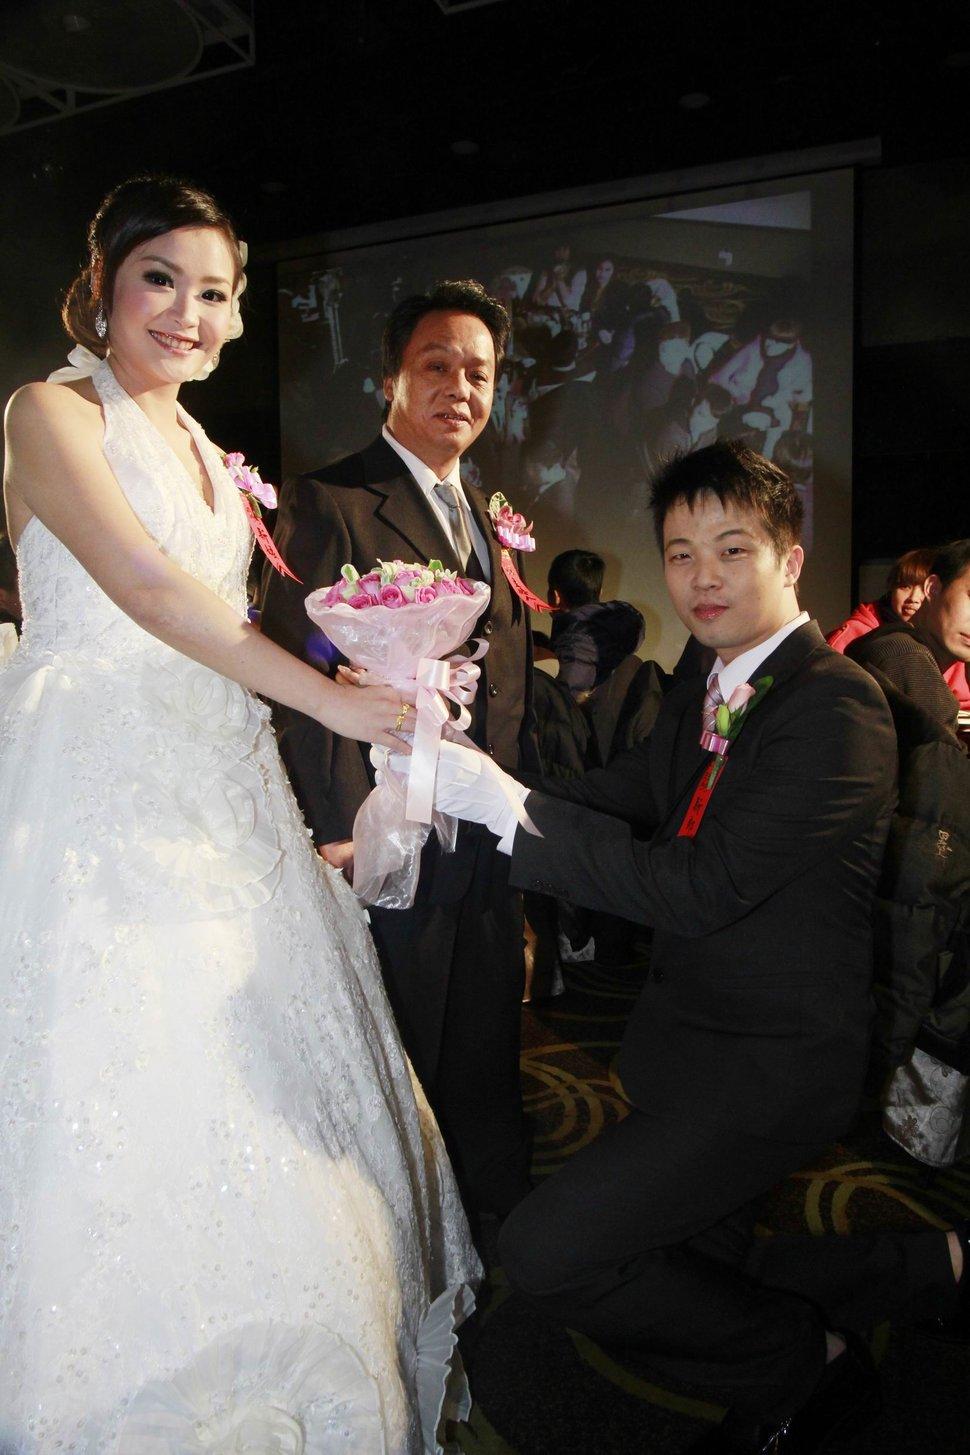 蜜月婚攝新莊美食喜相逢餐廳會館結婚迎娶儀式晚宴婚禮記錄動態微電影錄影專業錄影平面攝影婚攝婚禮主持人(編號:270548) - 蜜月拍照10800錄影12800攝影團隊 - 結婚吧